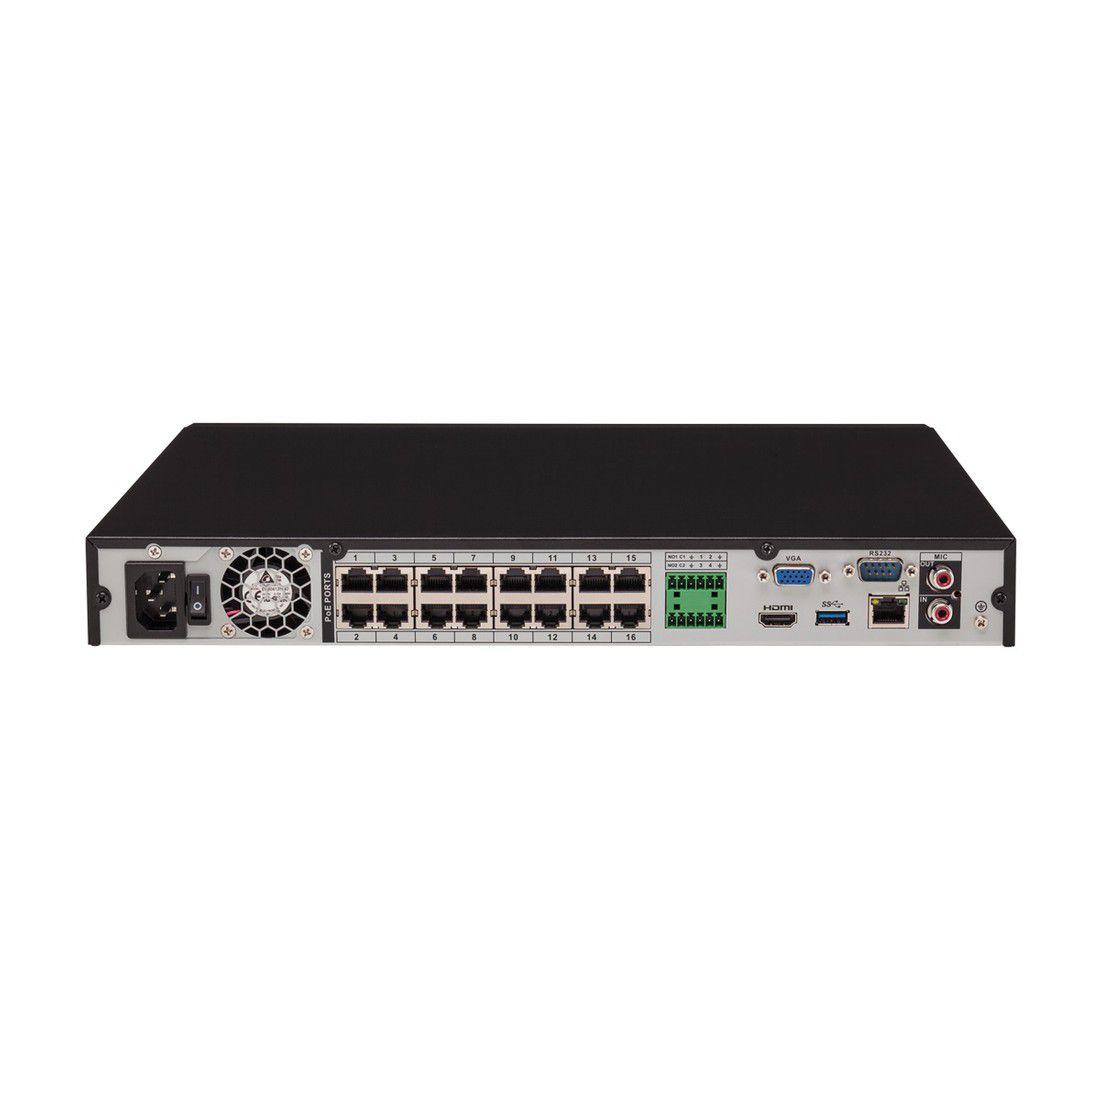 NVR Gravador de Vídeo IP Intelbras NVD 3116 P Poe 16 Canais